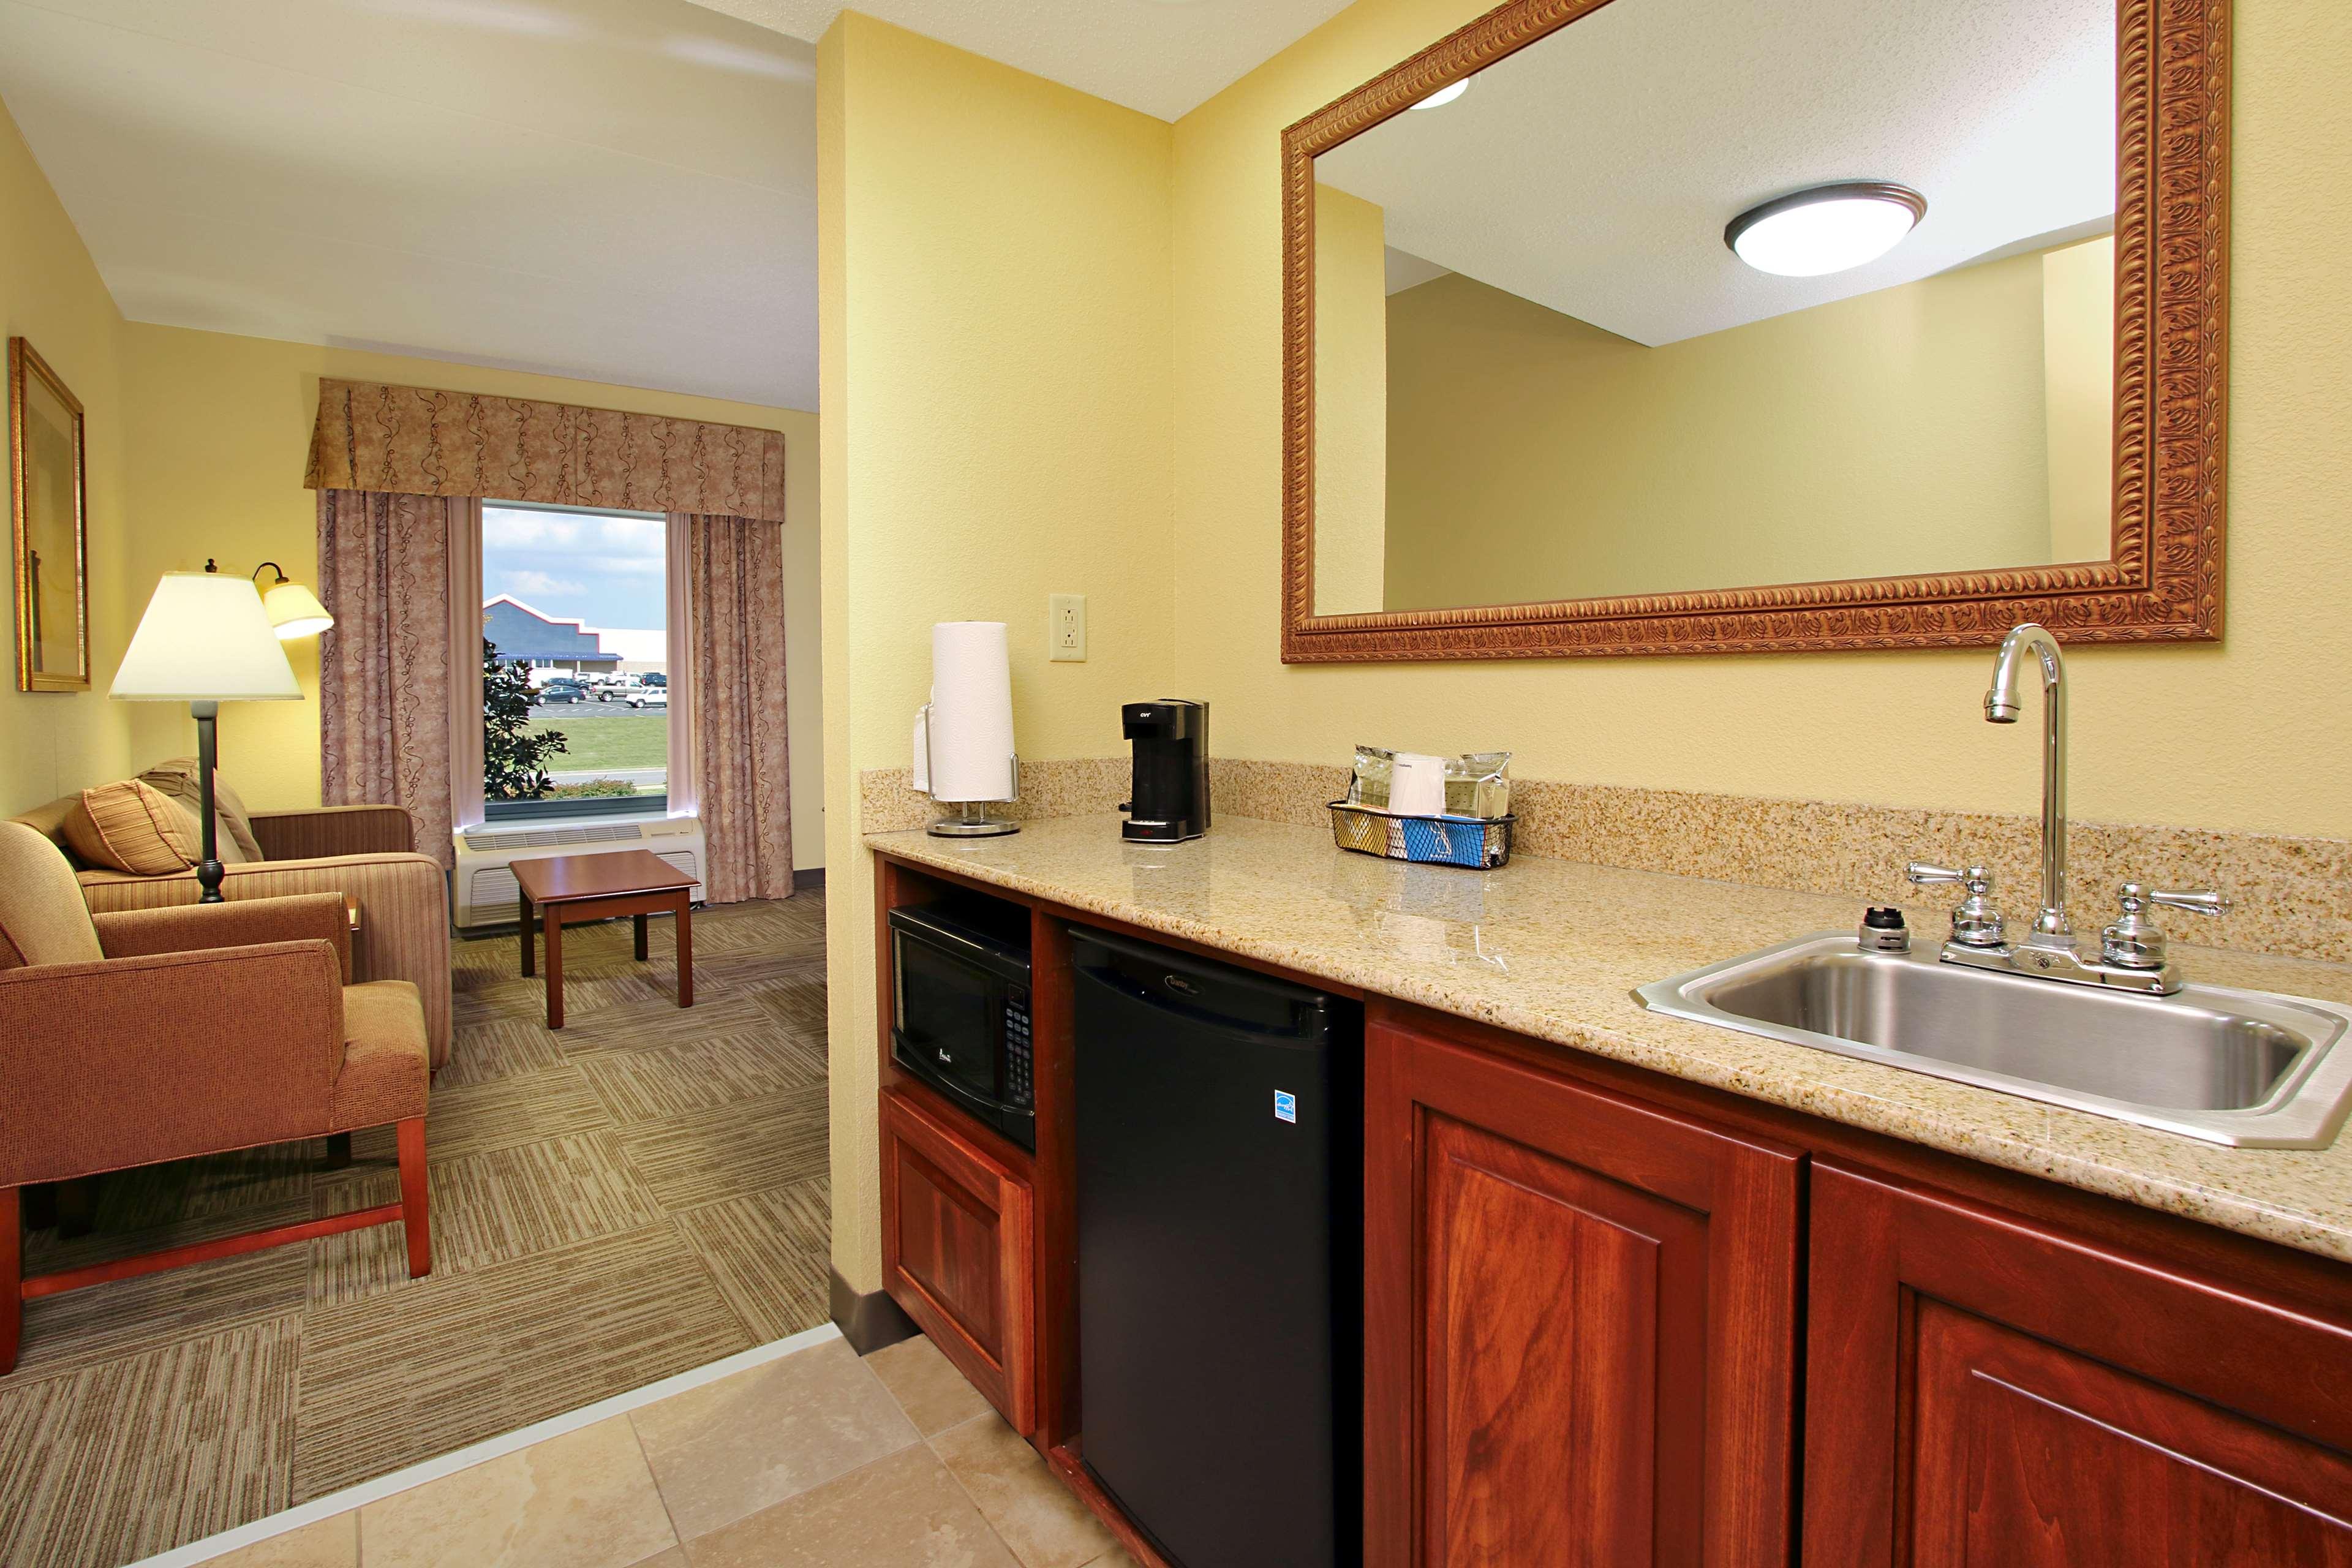 Hampton Inn & Suites Murray image 15